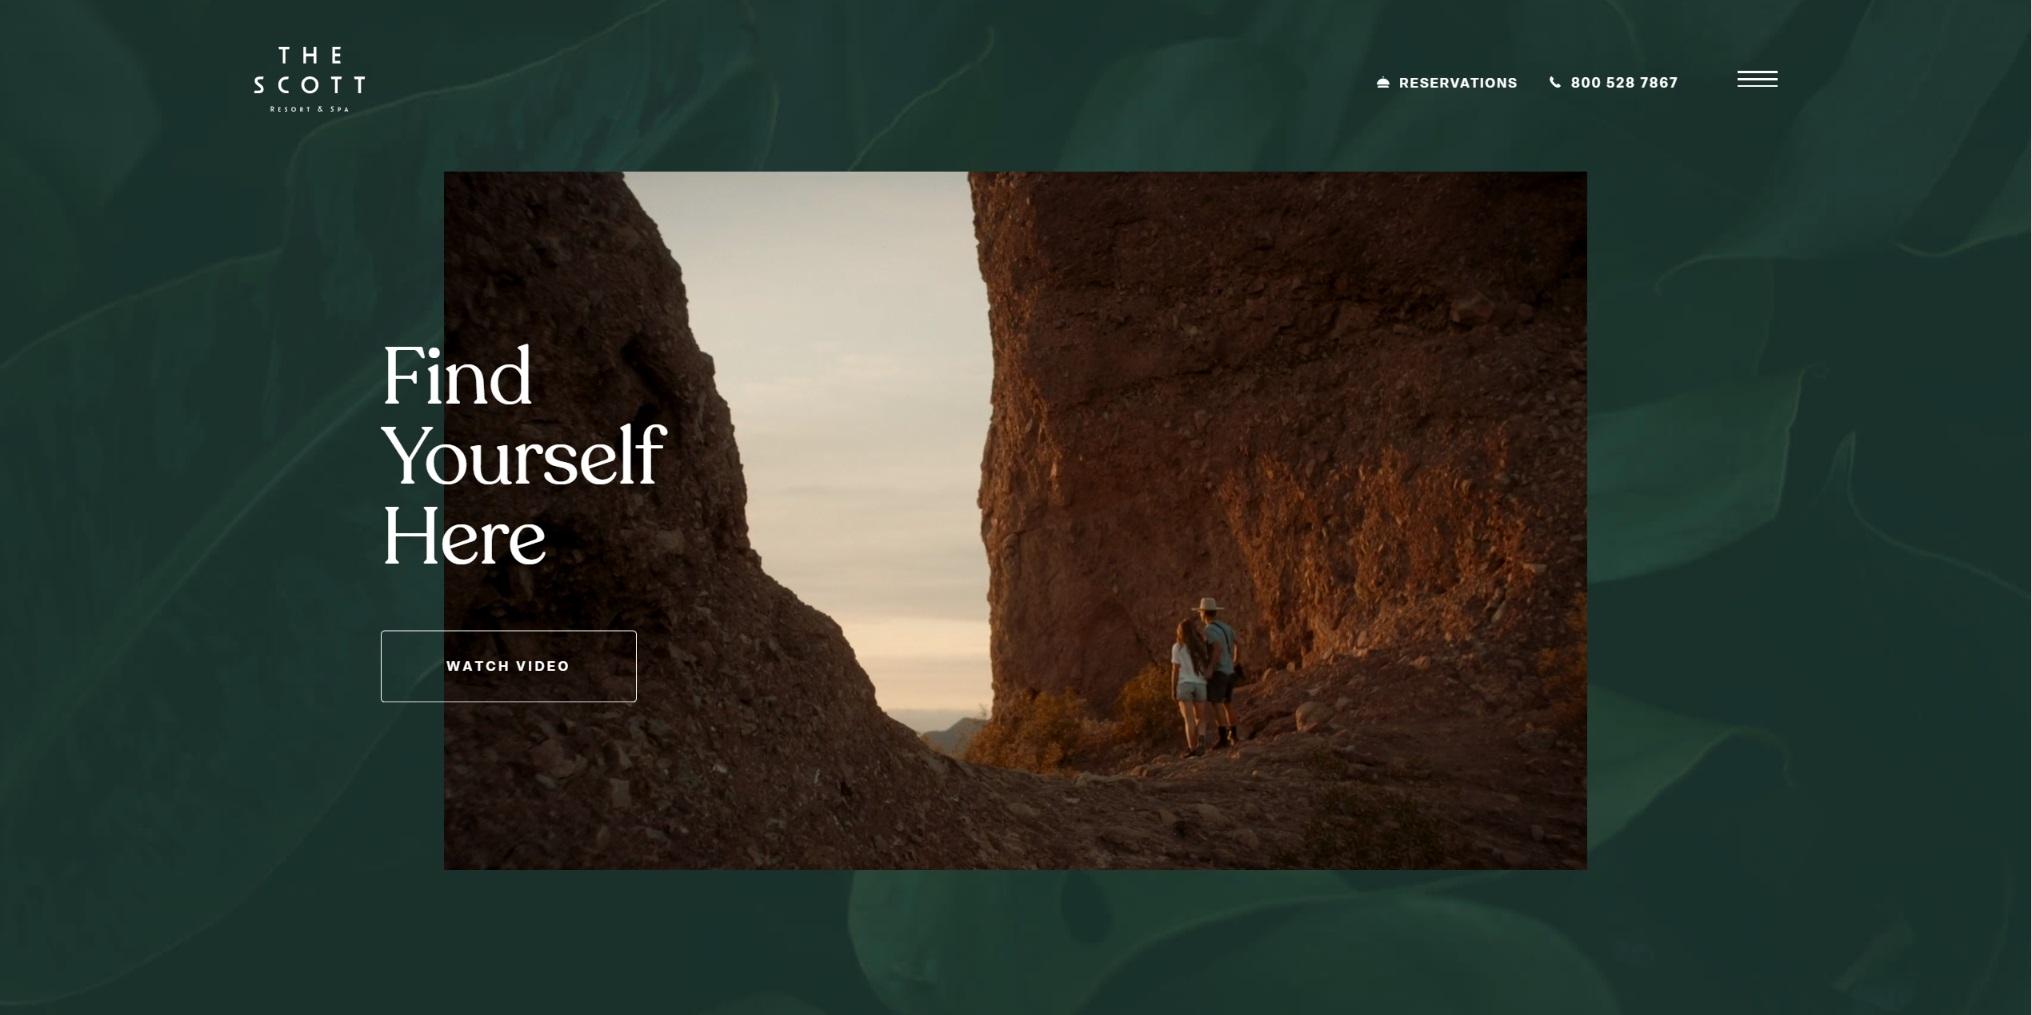 Пример работы веб-дизайнера